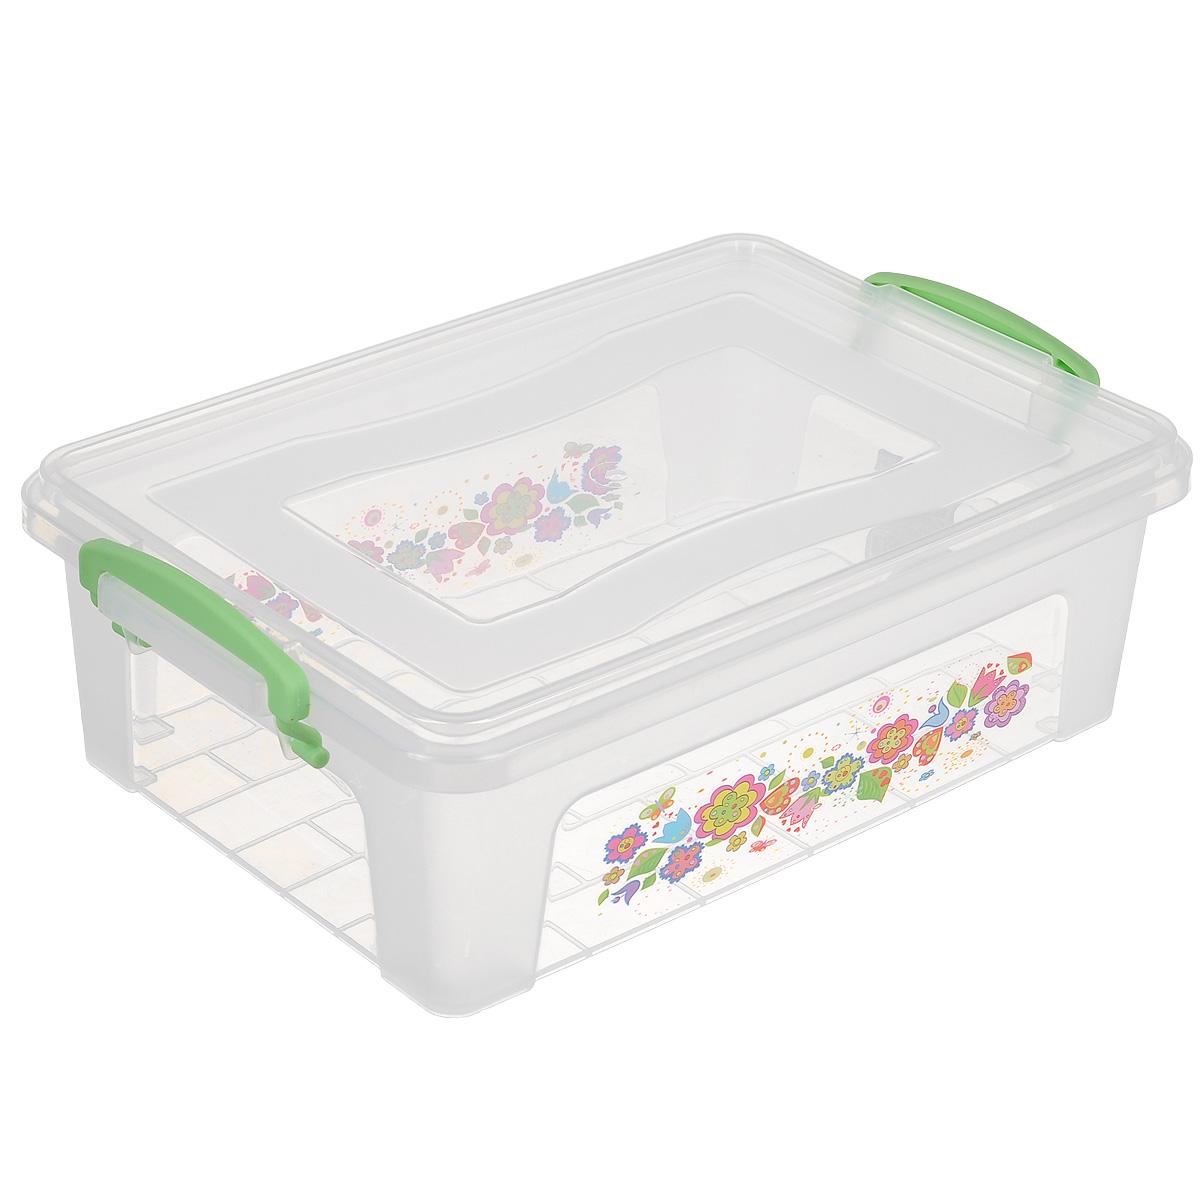 Контейнер Dunya Plastik Clear Box, цвет: зеленый, рисунок в ассортименте, 3,75 л. 3025330253зеленыйКонтейнер Dunya Plastik Clear Box выполнен из прочного пластика. Он предназначен для хранения различных мелких вещей. Крышка легко открывается и плотно закрывается. Прозрачные стенки позволяют видеть содержимое. По бокам предусмотрены две удобные ручки, с помощью которых контейнер закрывается. Контейнер поможет хранить все в одном месте, а также защитить вещи от пыли, грязи и влаги.